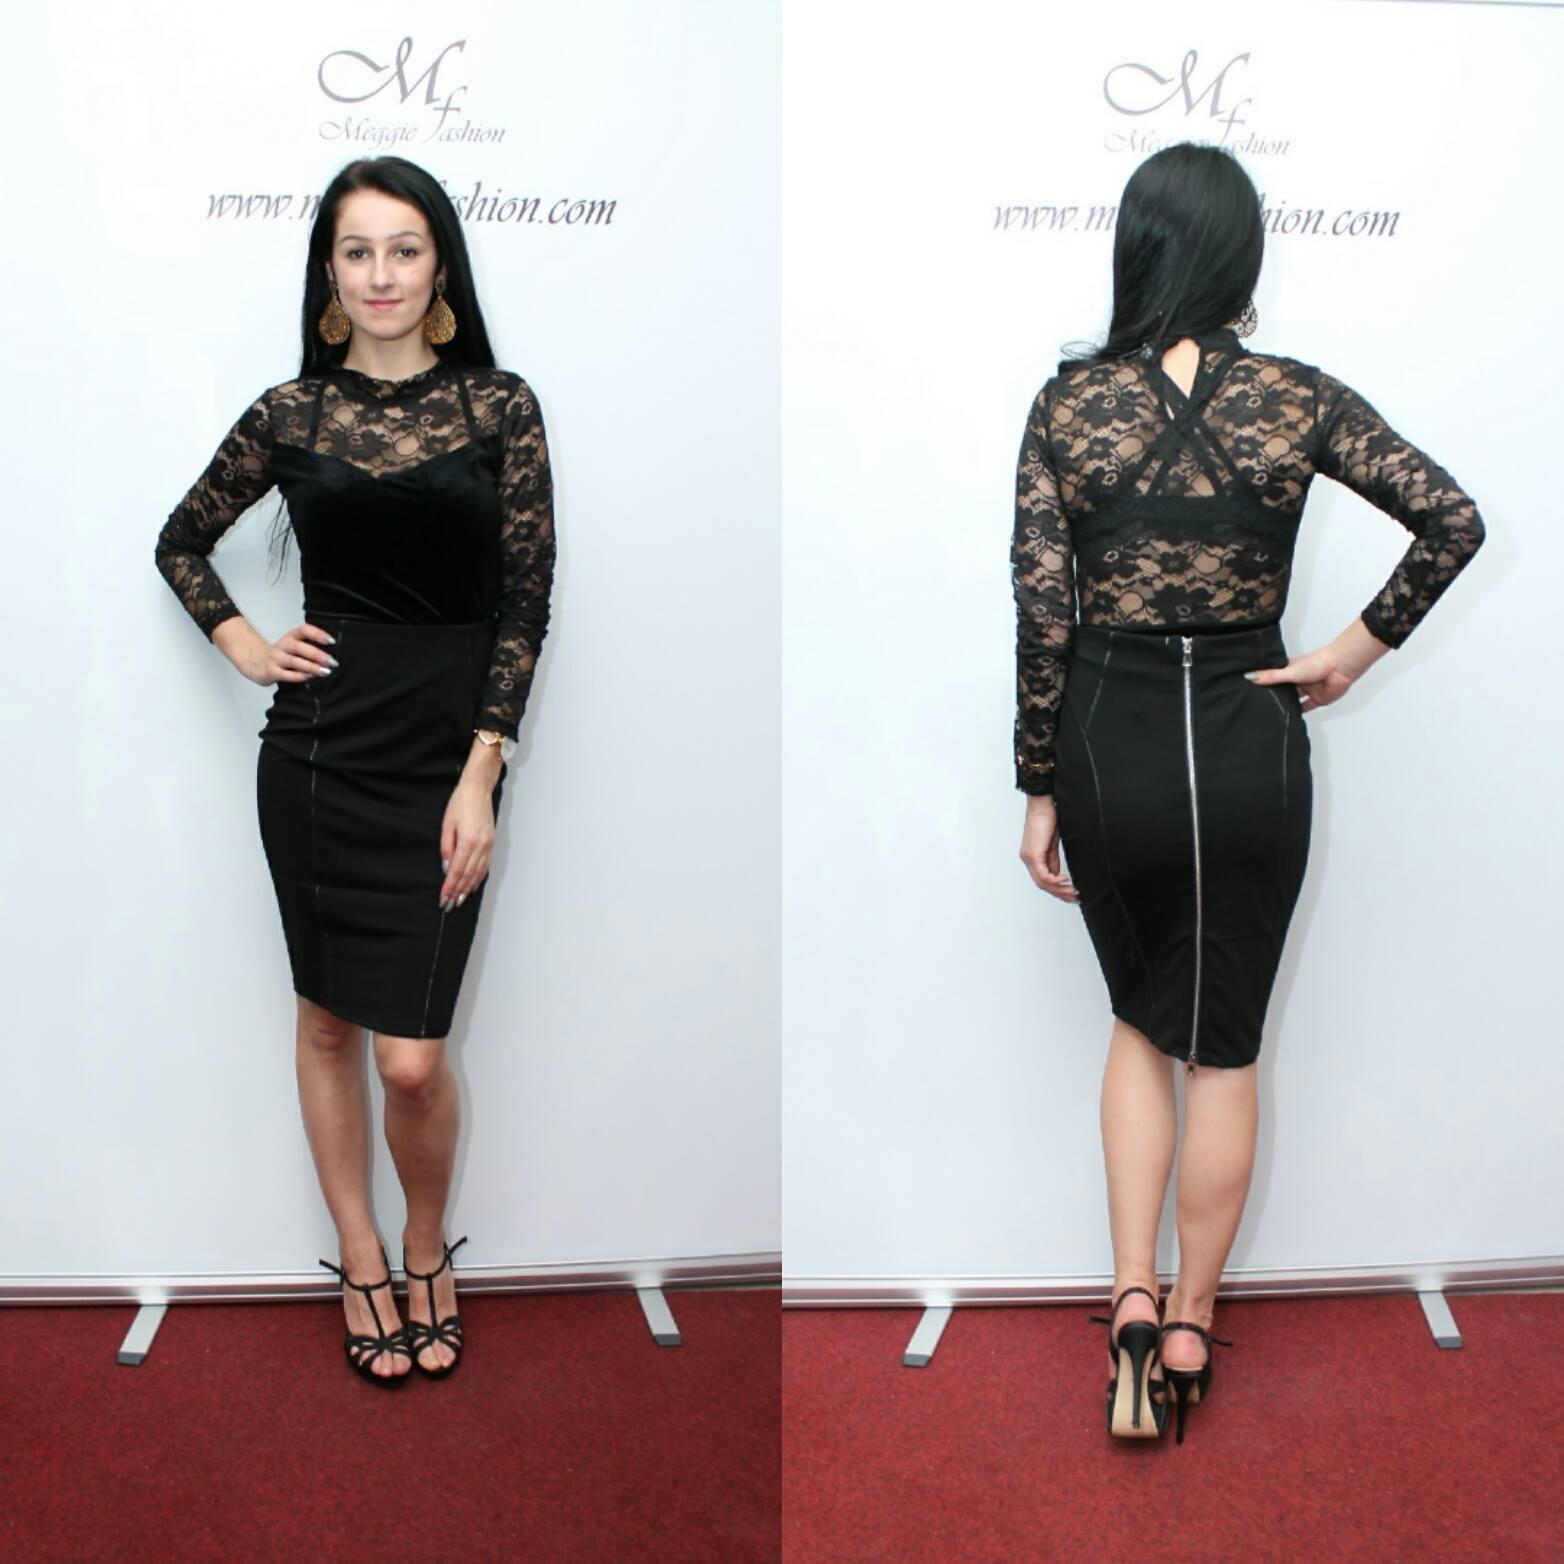 64e0a981b74e Dámska čierna tulipanová sukňa s vysokým pásom.